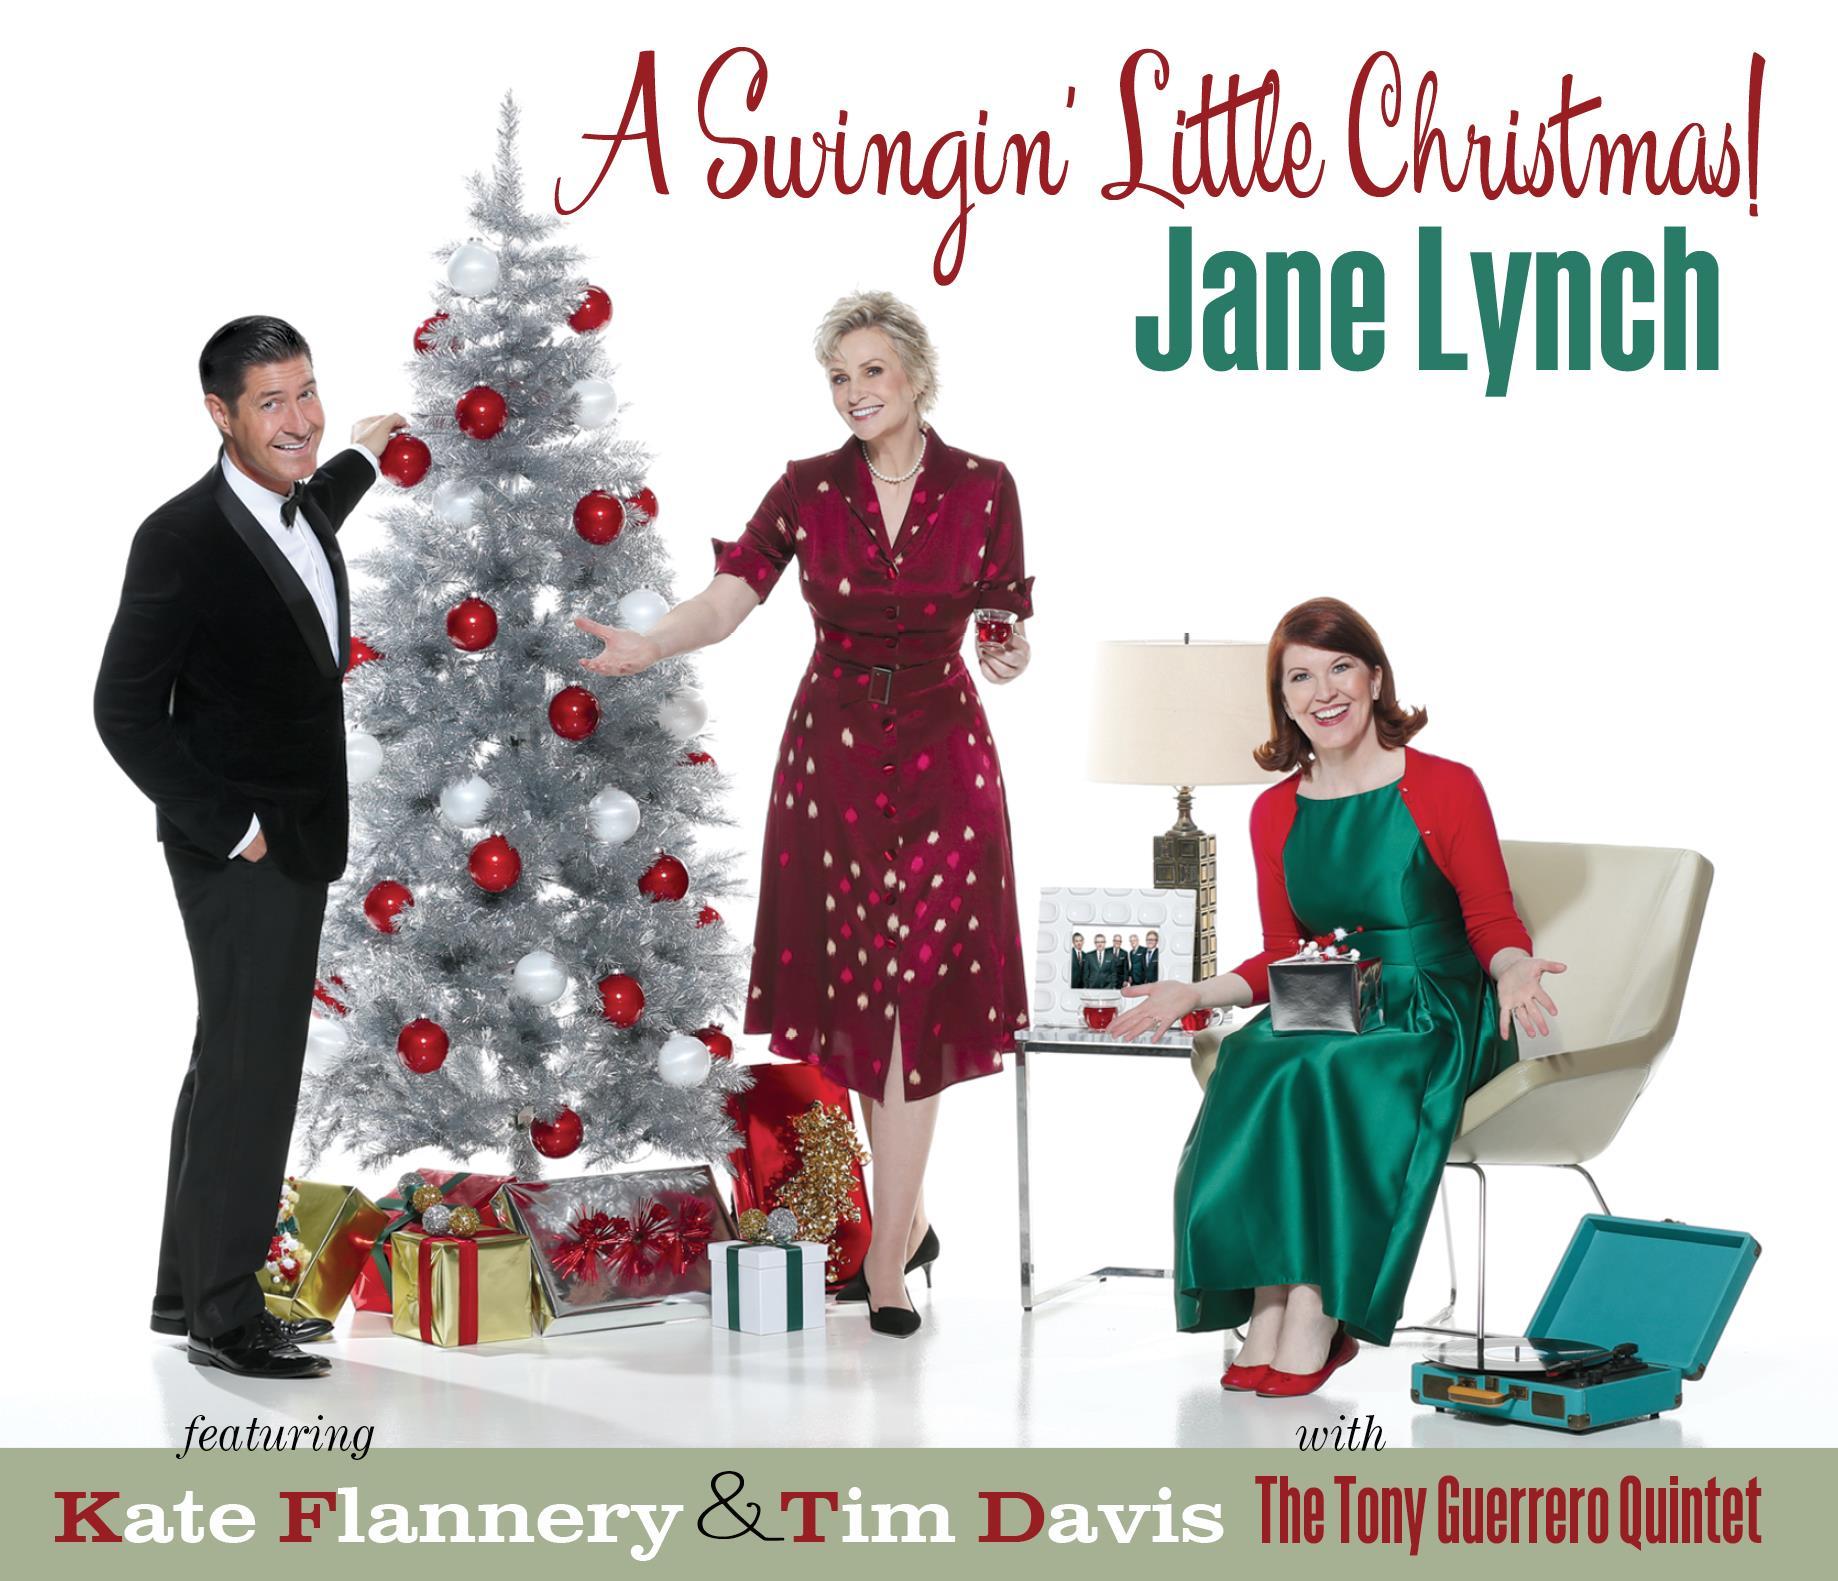 Jane Lynch's A Swingin' Little Christmas!